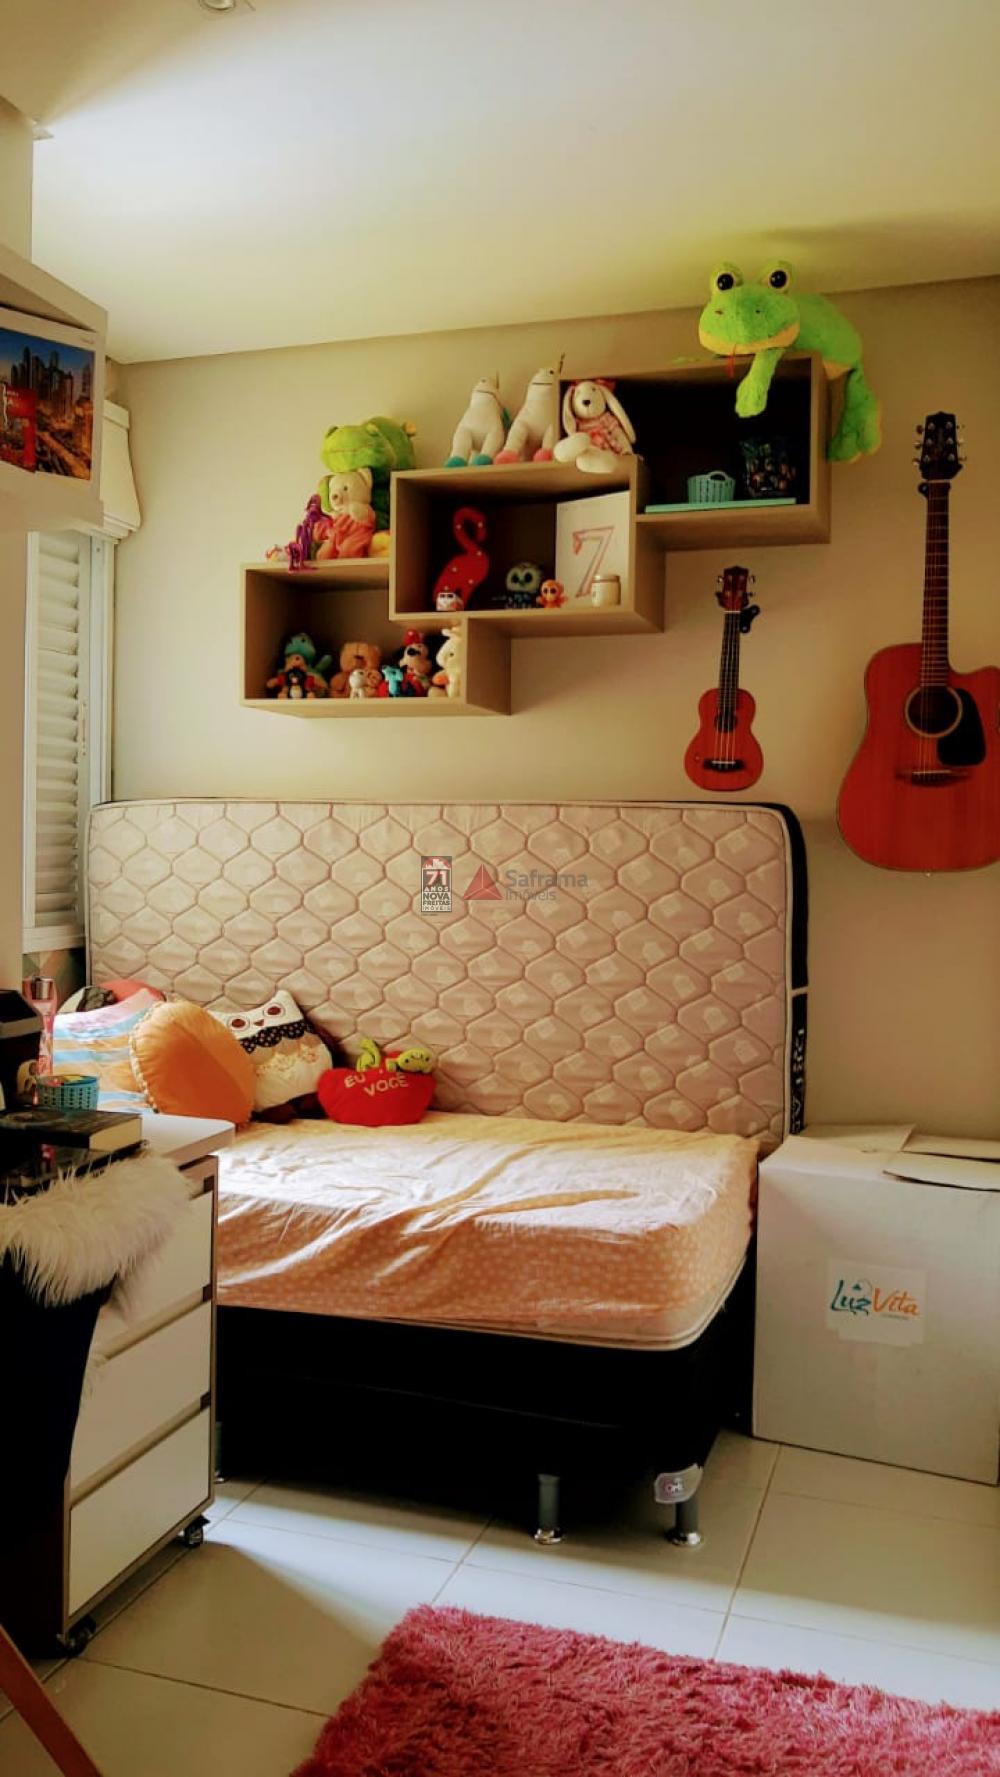 Comprar Apartamento / Padrão em Caraguatatuba apenas R$ 310.000,00 - Foto 7